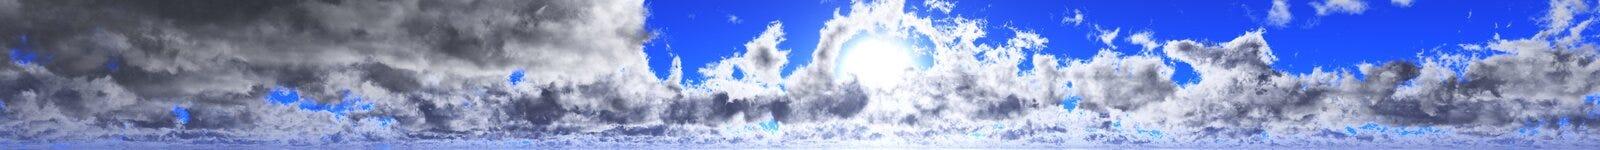 Panorama van de wolken, de zon onder de wolken royalty-vrije stock fotografie